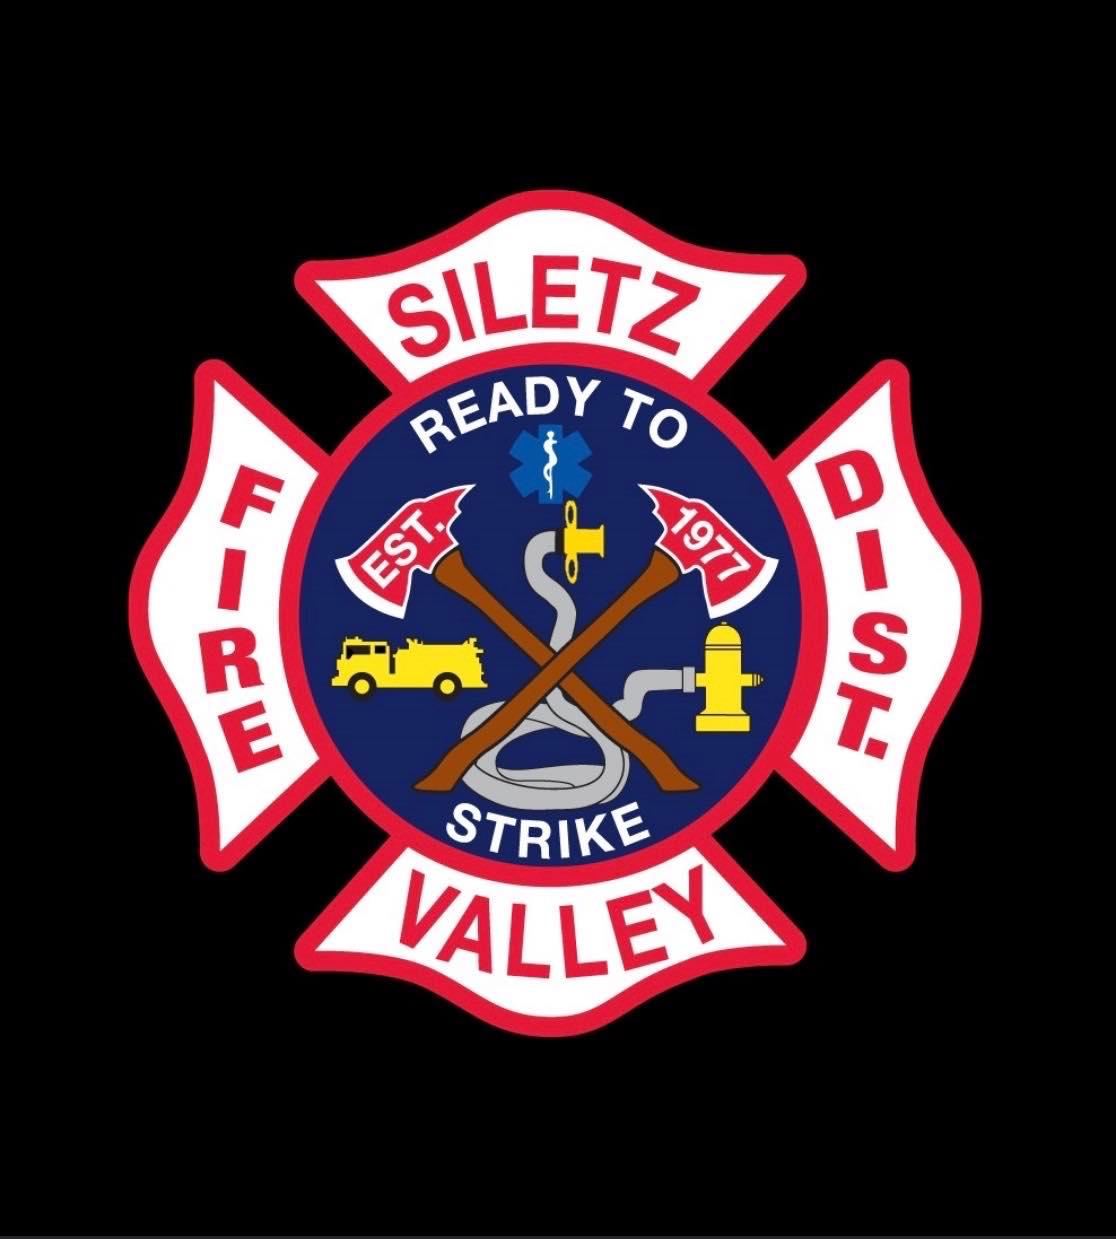 Siletz Valley Fire District